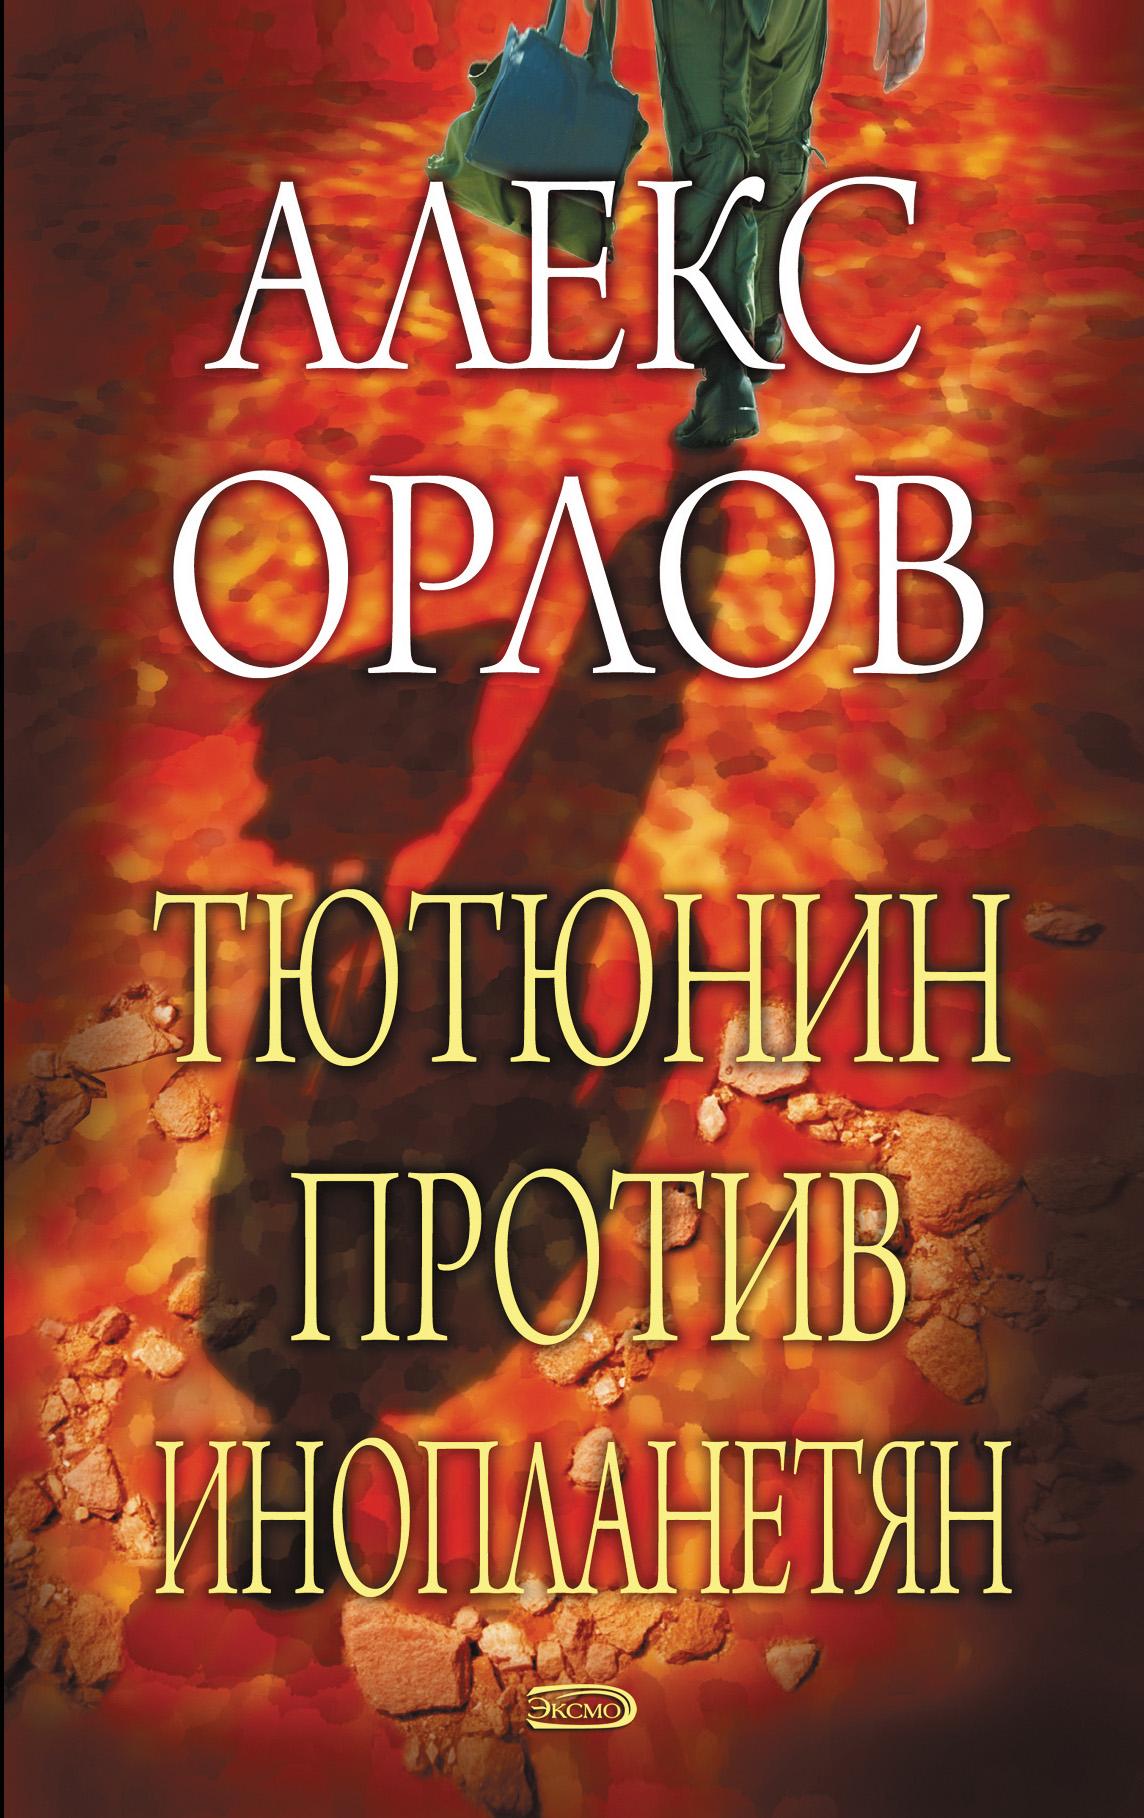 Алекс Орлов Тютюнин против инопланетян алекс орлов тютюнин против инопланетян isbn 5 93556 324 x